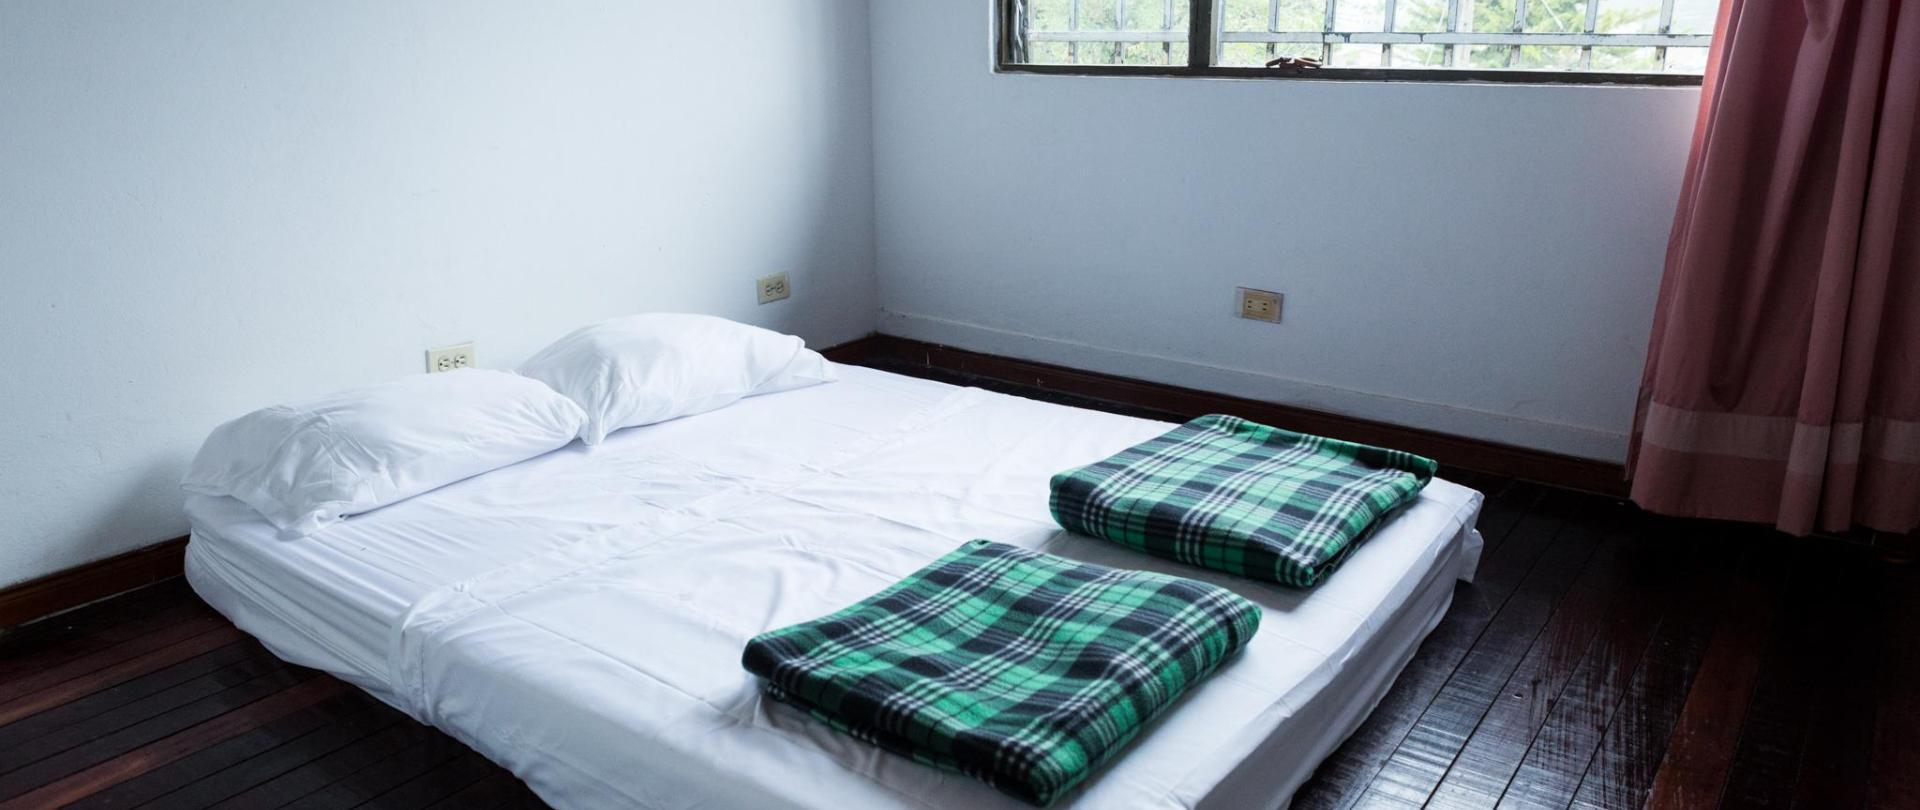 Galería Guatape habitaciones -5.jpg